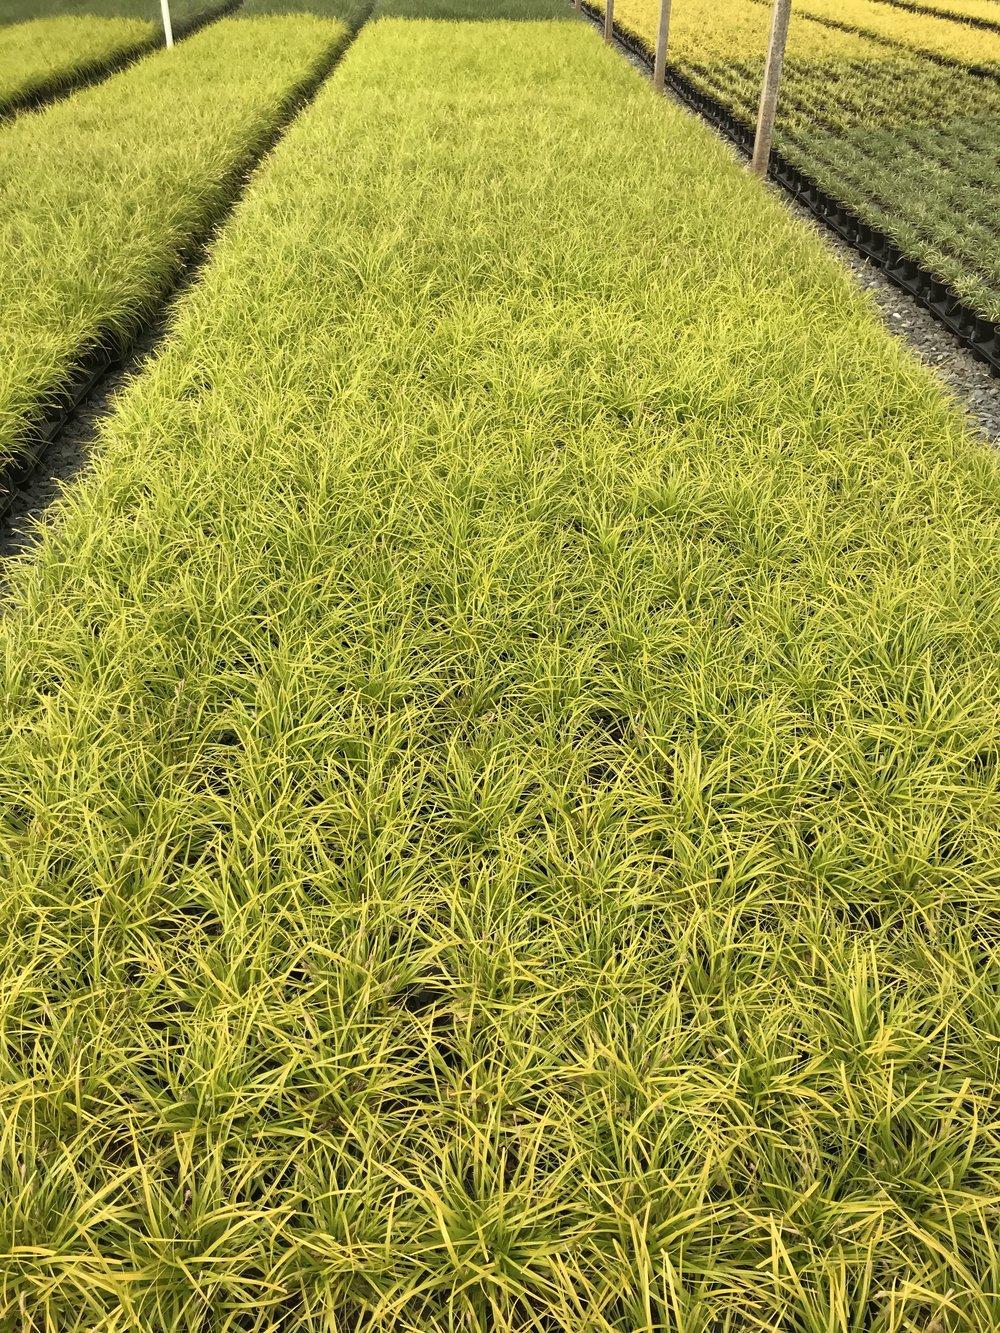 Carex oshimensis 'Everillo' 1 gallon